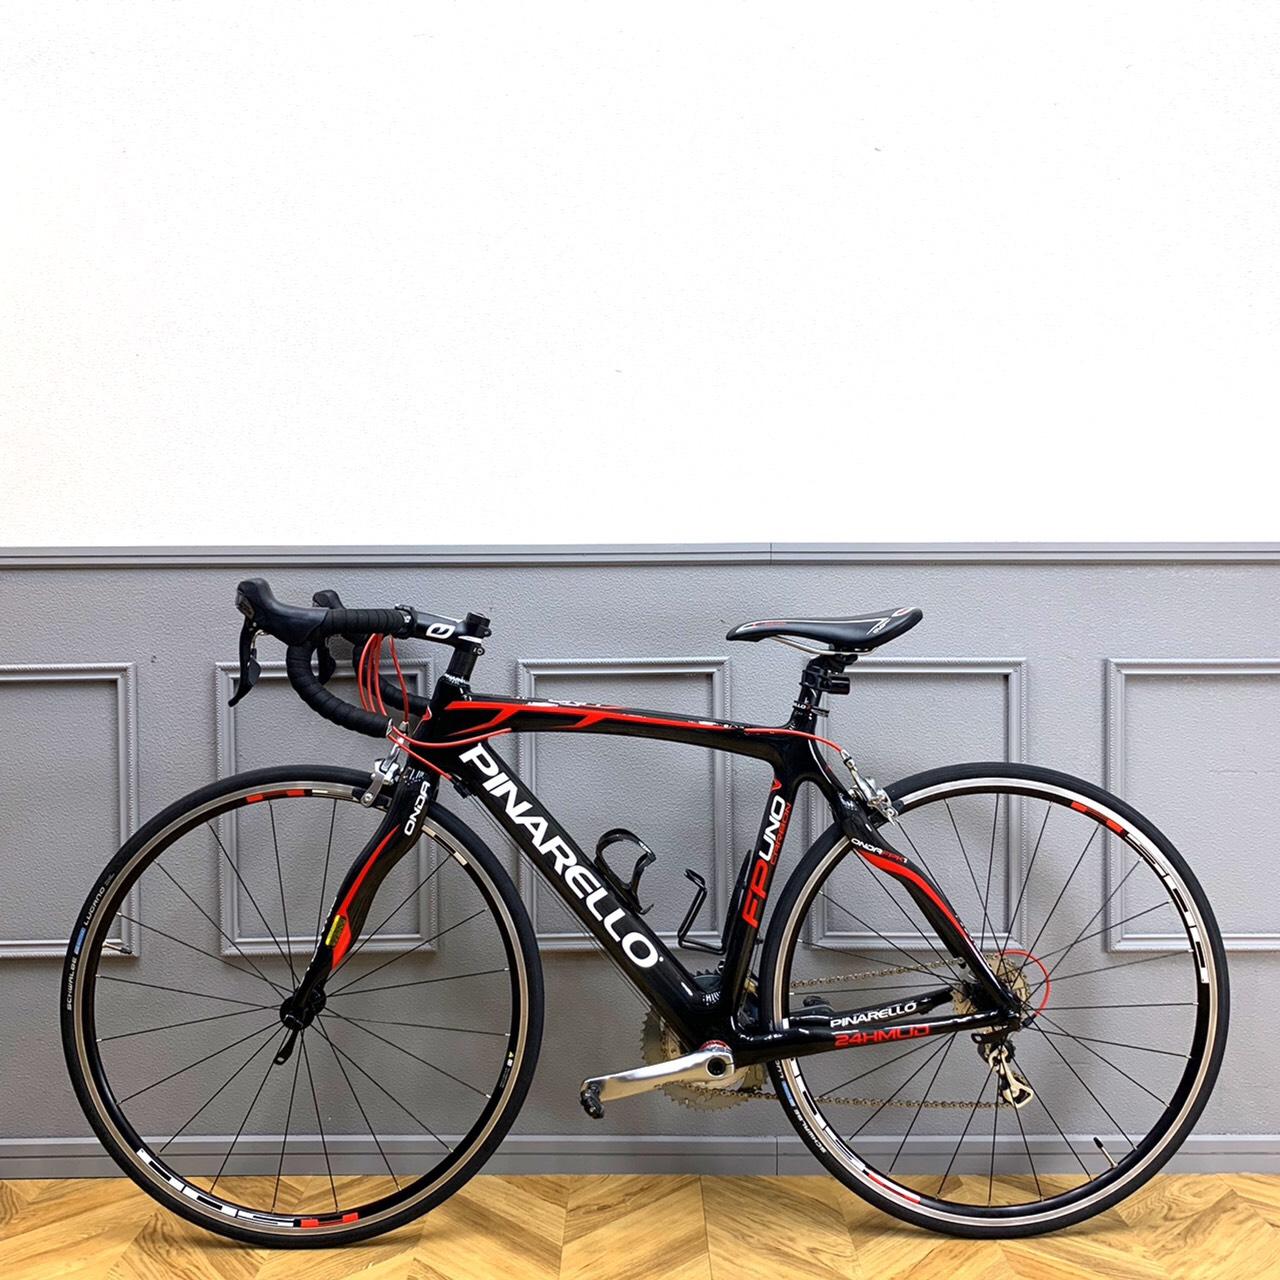 PINARELLOピナレロ フルカーボンロードバイク FP UNO Carbon  2013年モデル2